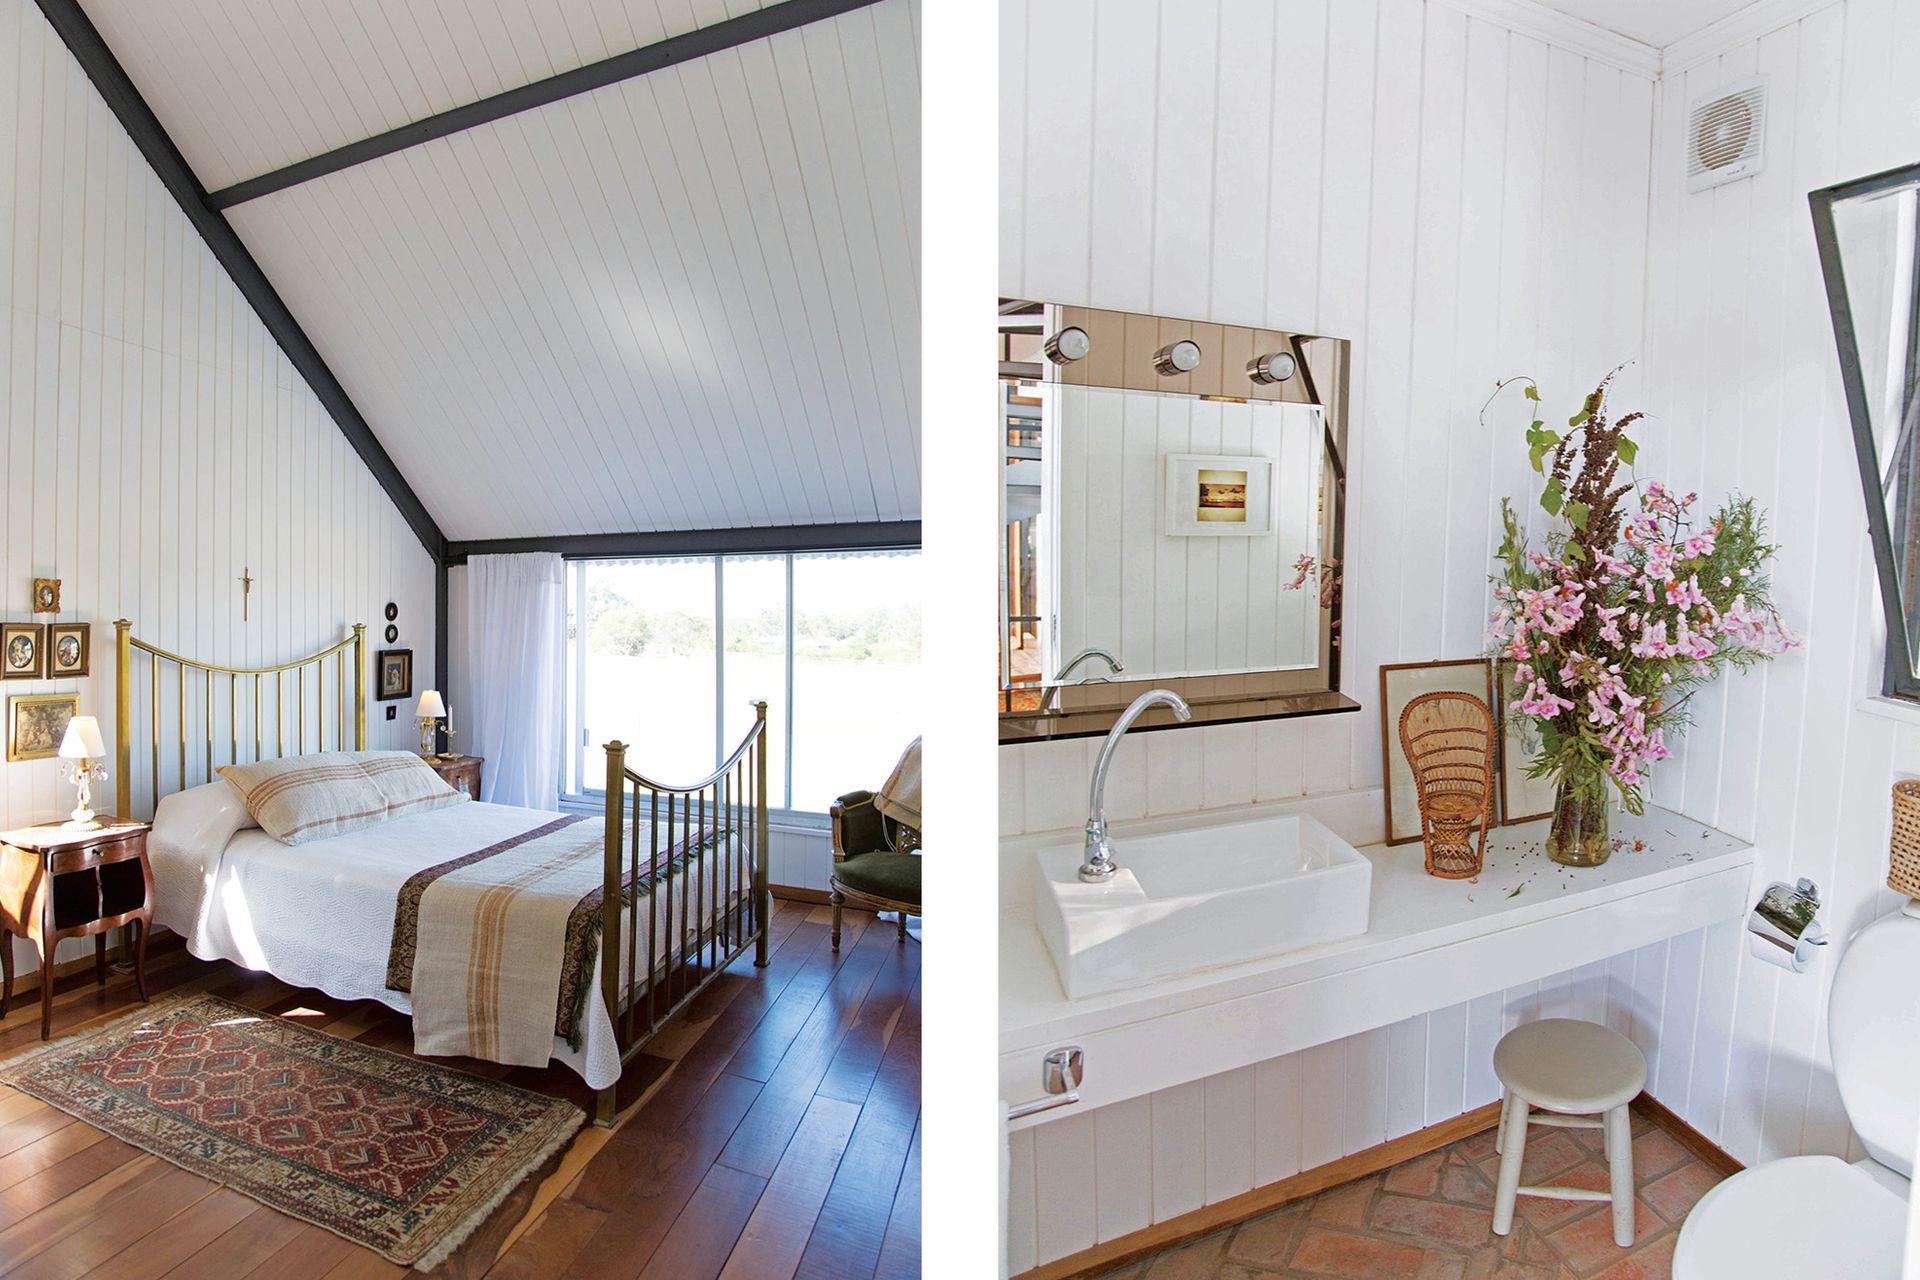 El toilette contrasta la claridad de la madera y los artefactos con el piso de ladrillos trabados.